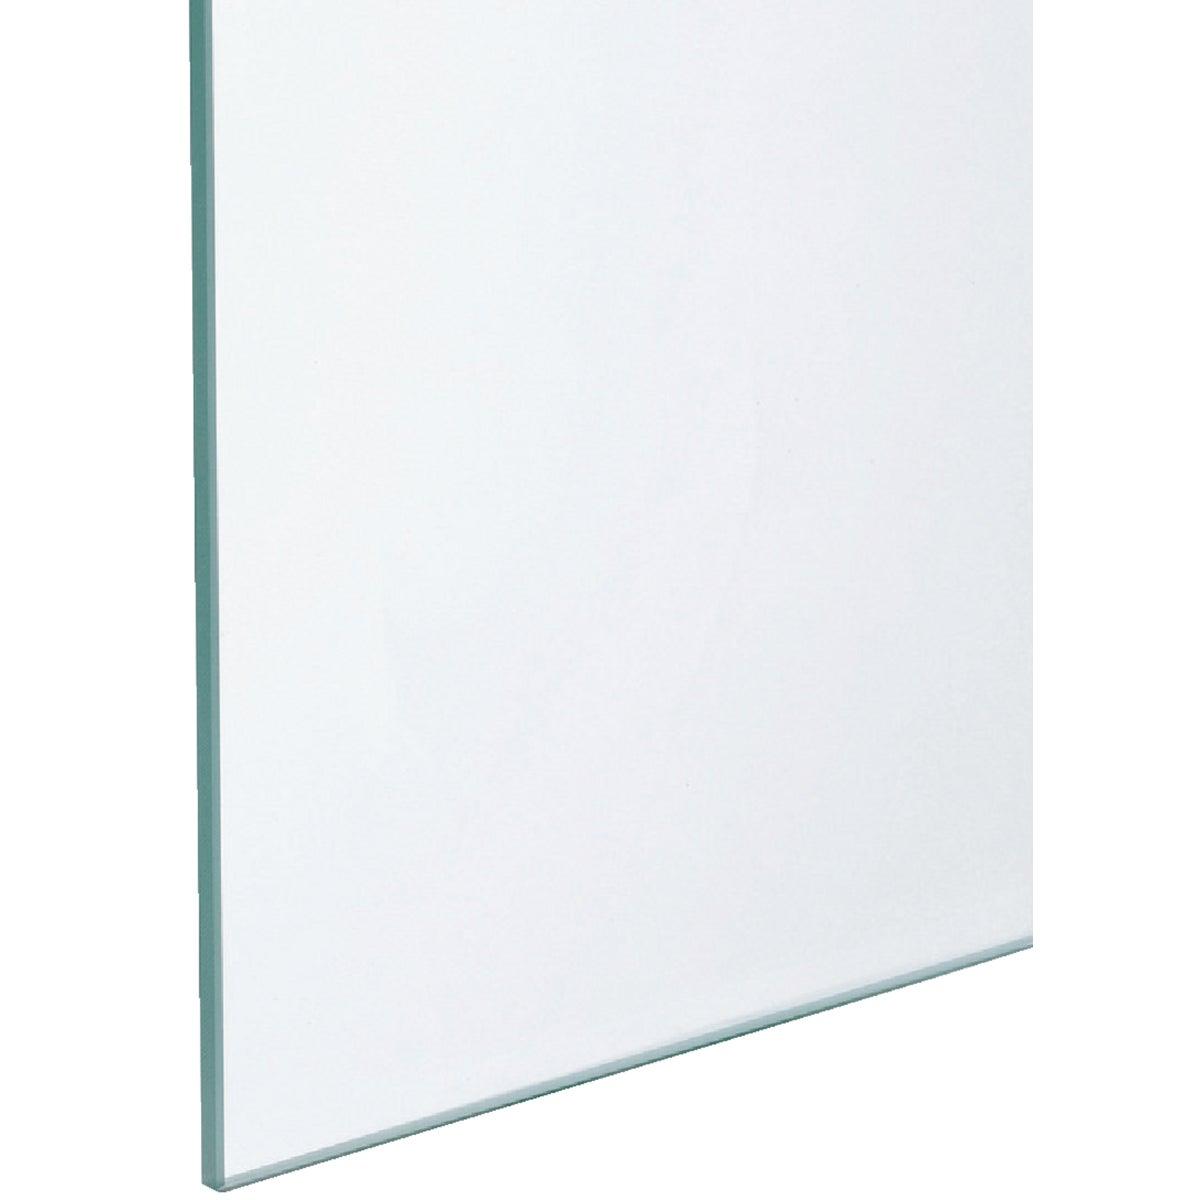 10X12Ssb Window Glass 60